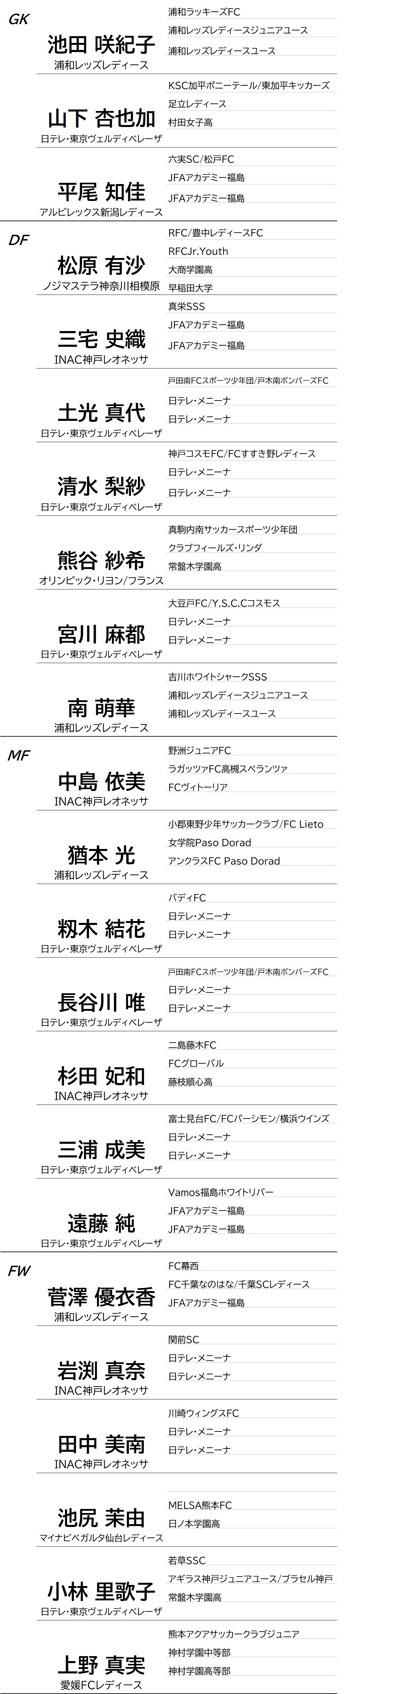 nadeshiko member225